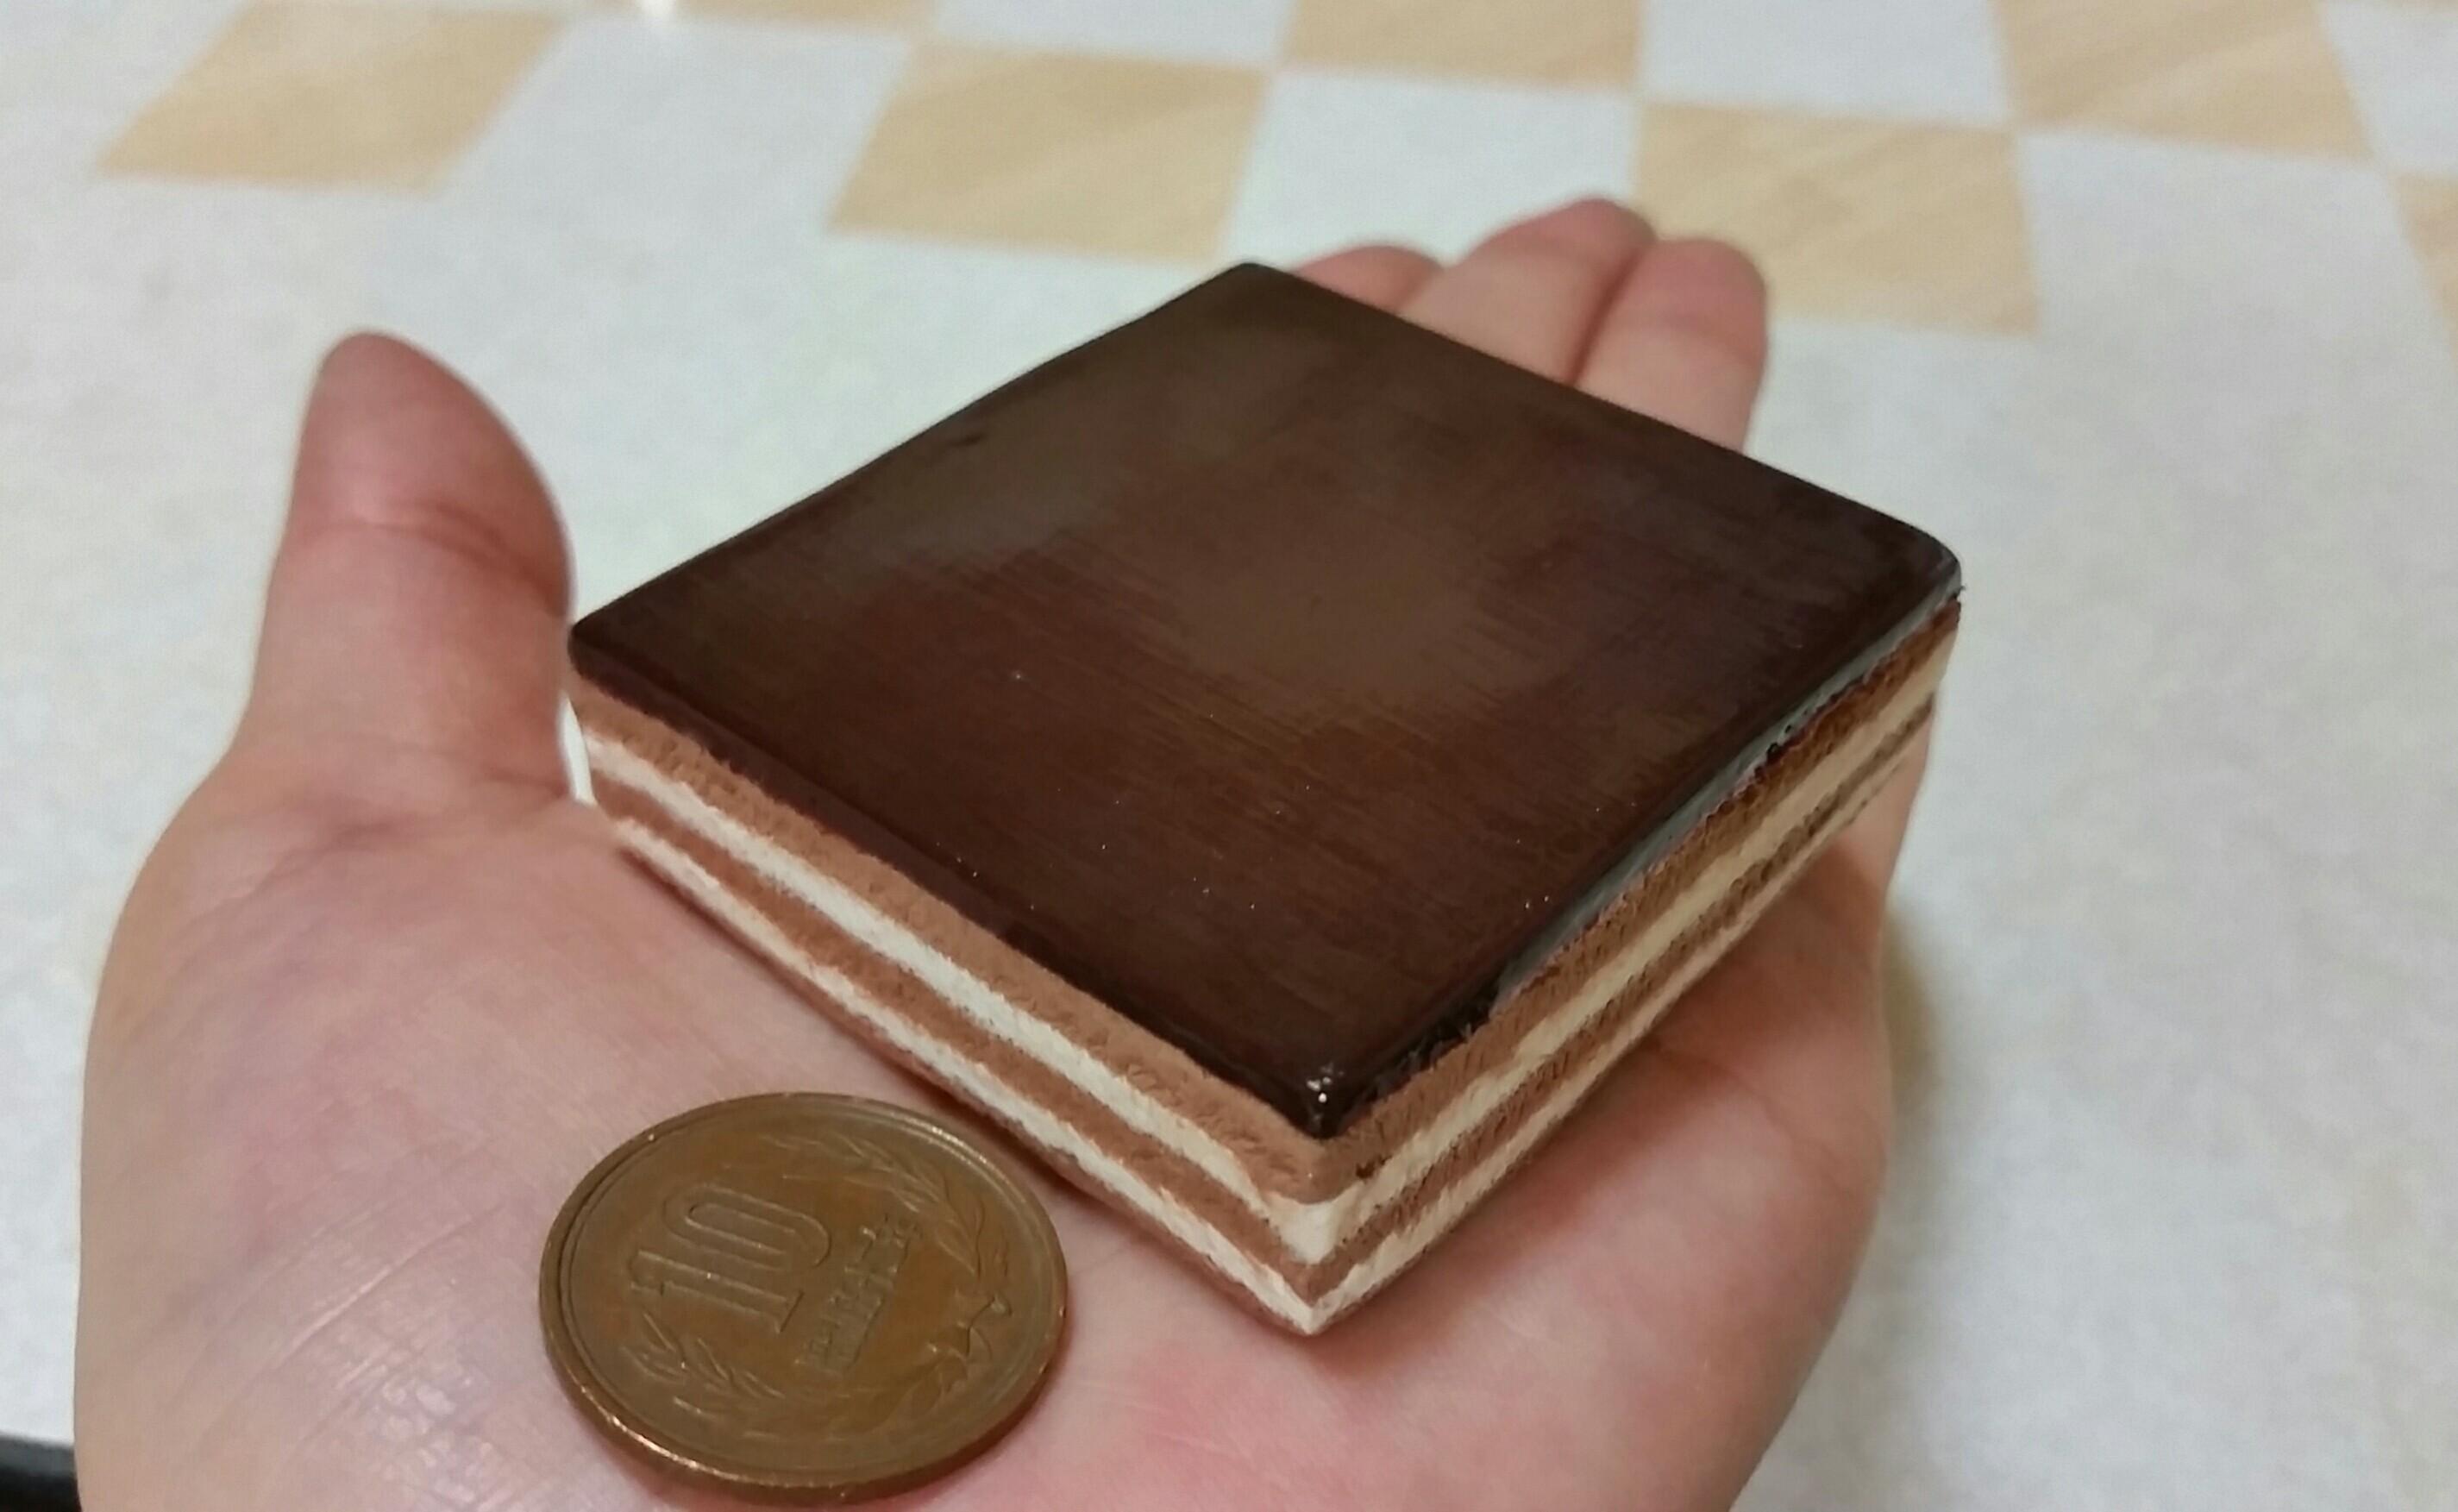 ミニチュアフェイクフード,転売模倣,チョコレートケーキ,許せない